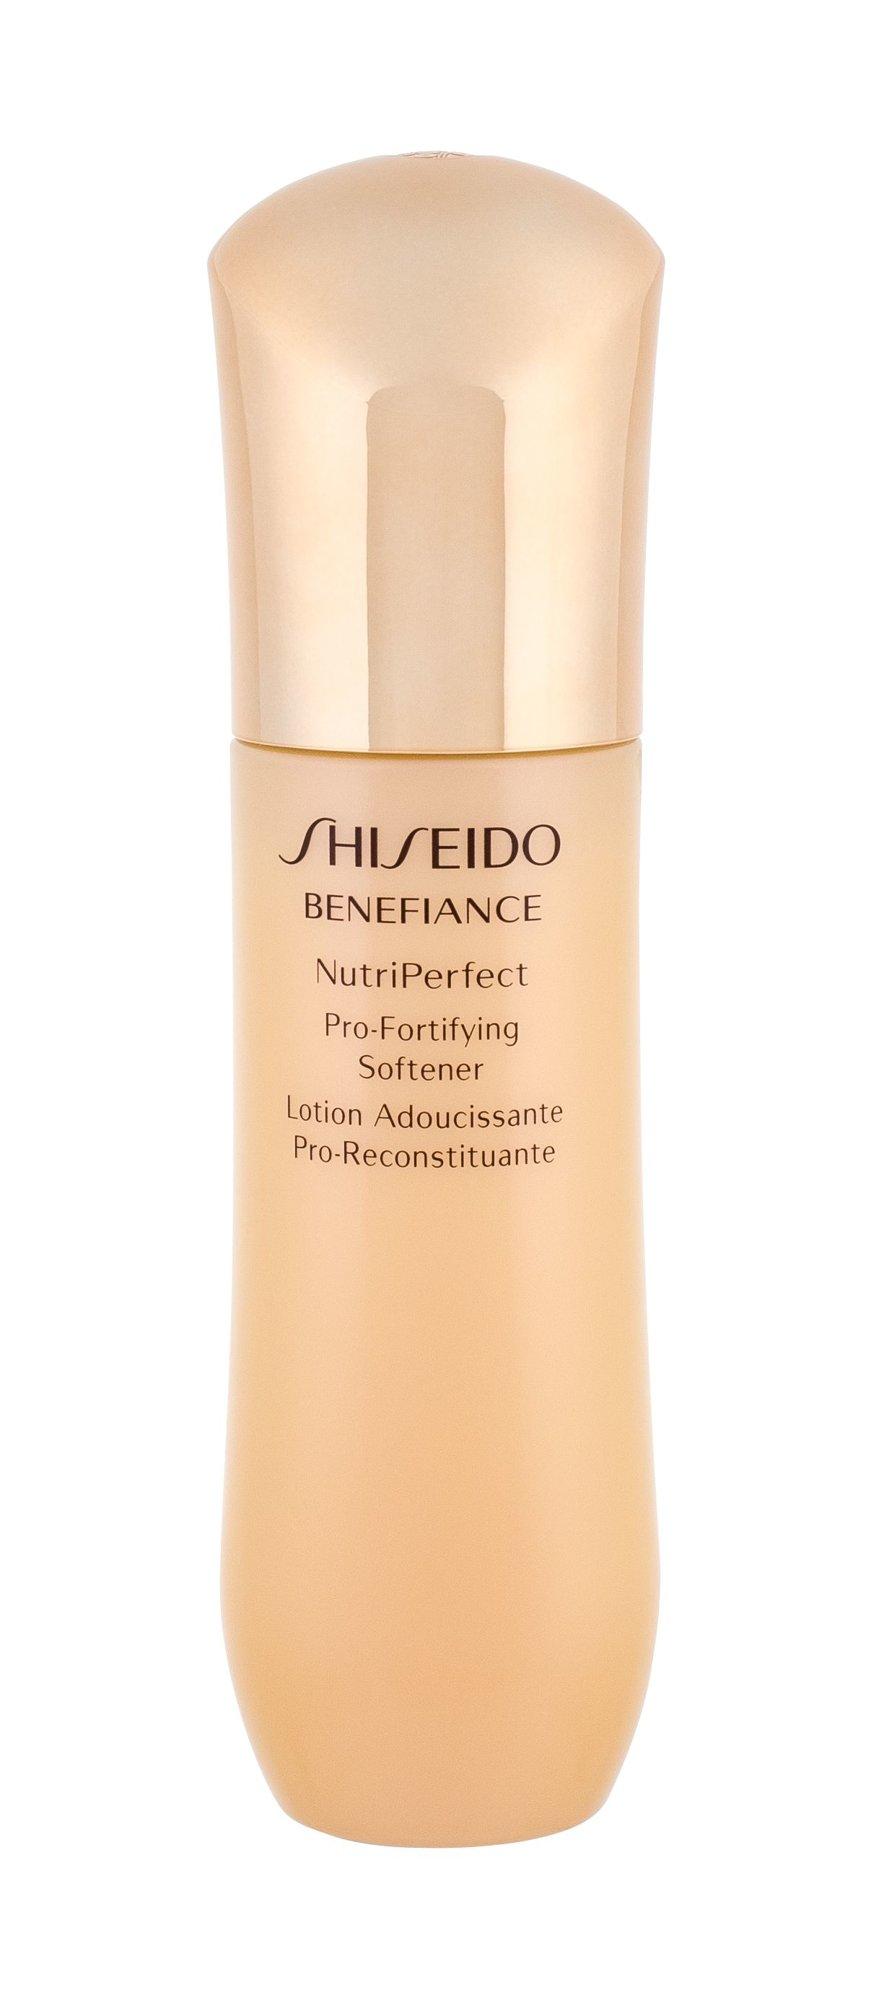 Shiseido Benefiance NutriPerfect Cosmetic 150ml